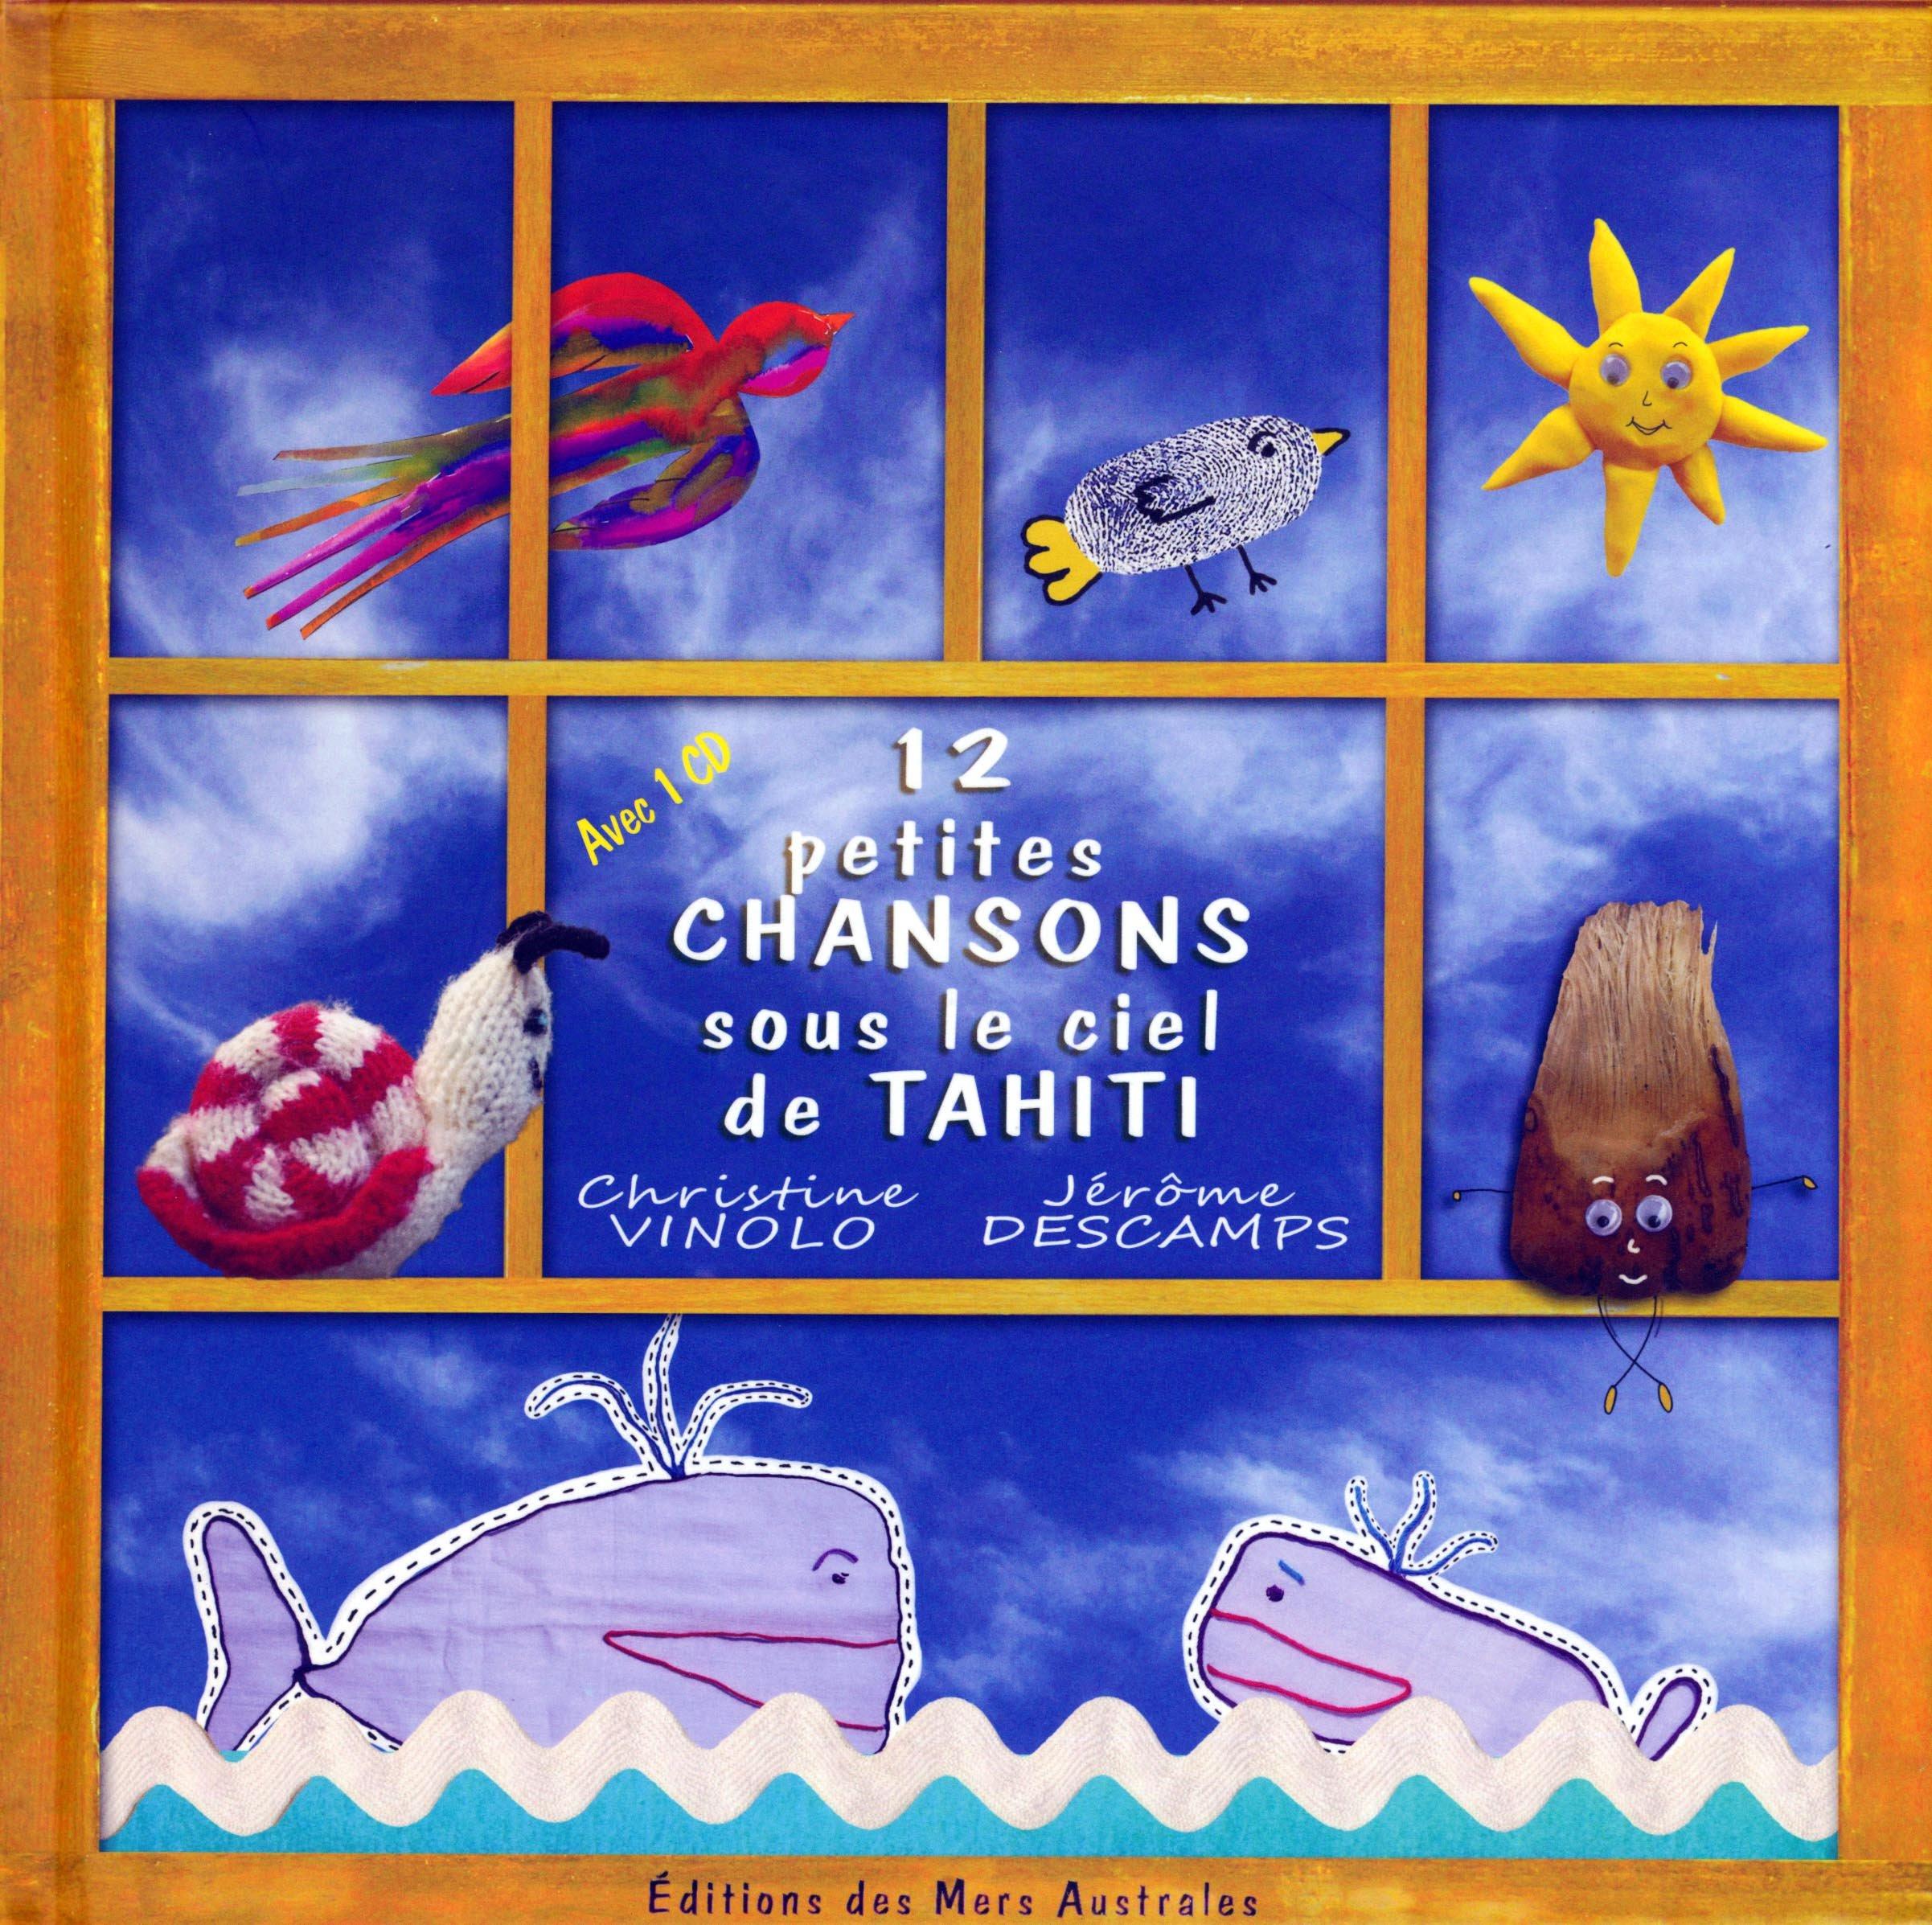 12 petites chansons sous le ciel de Tahiti